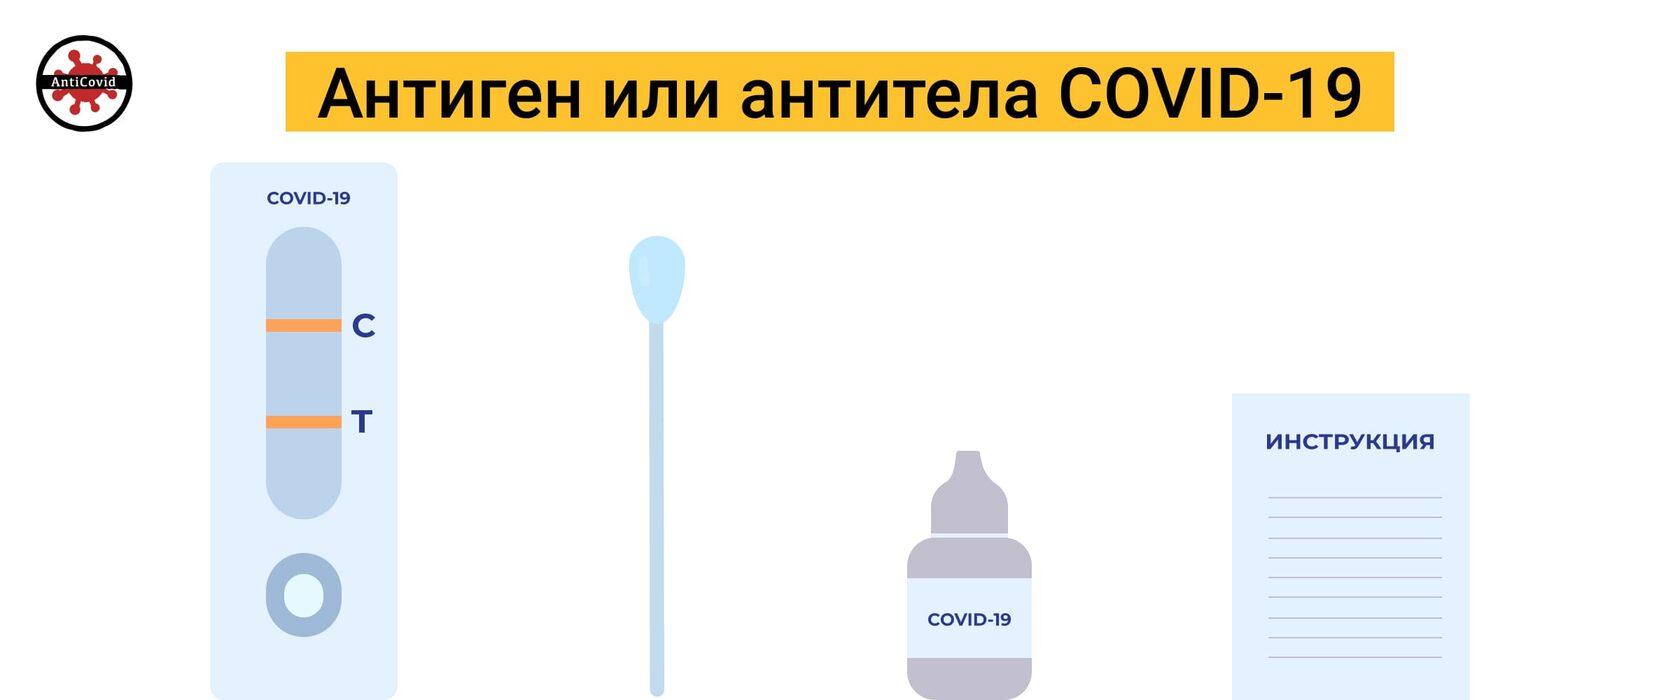 Экспресс тесты для самостоятельной диагностики COVID-19